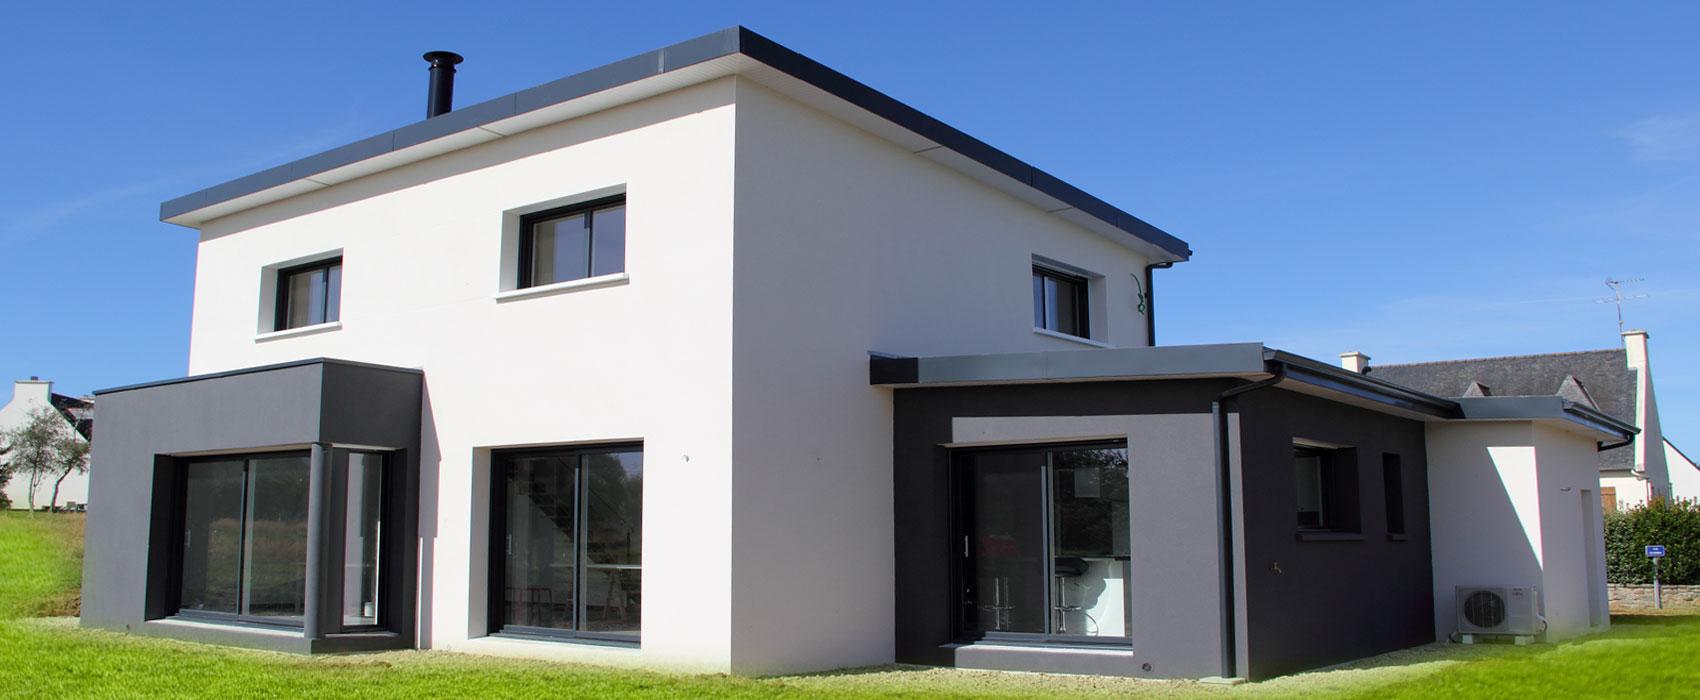 Entre particuliers diminuez vos frais for Bons plans de maison